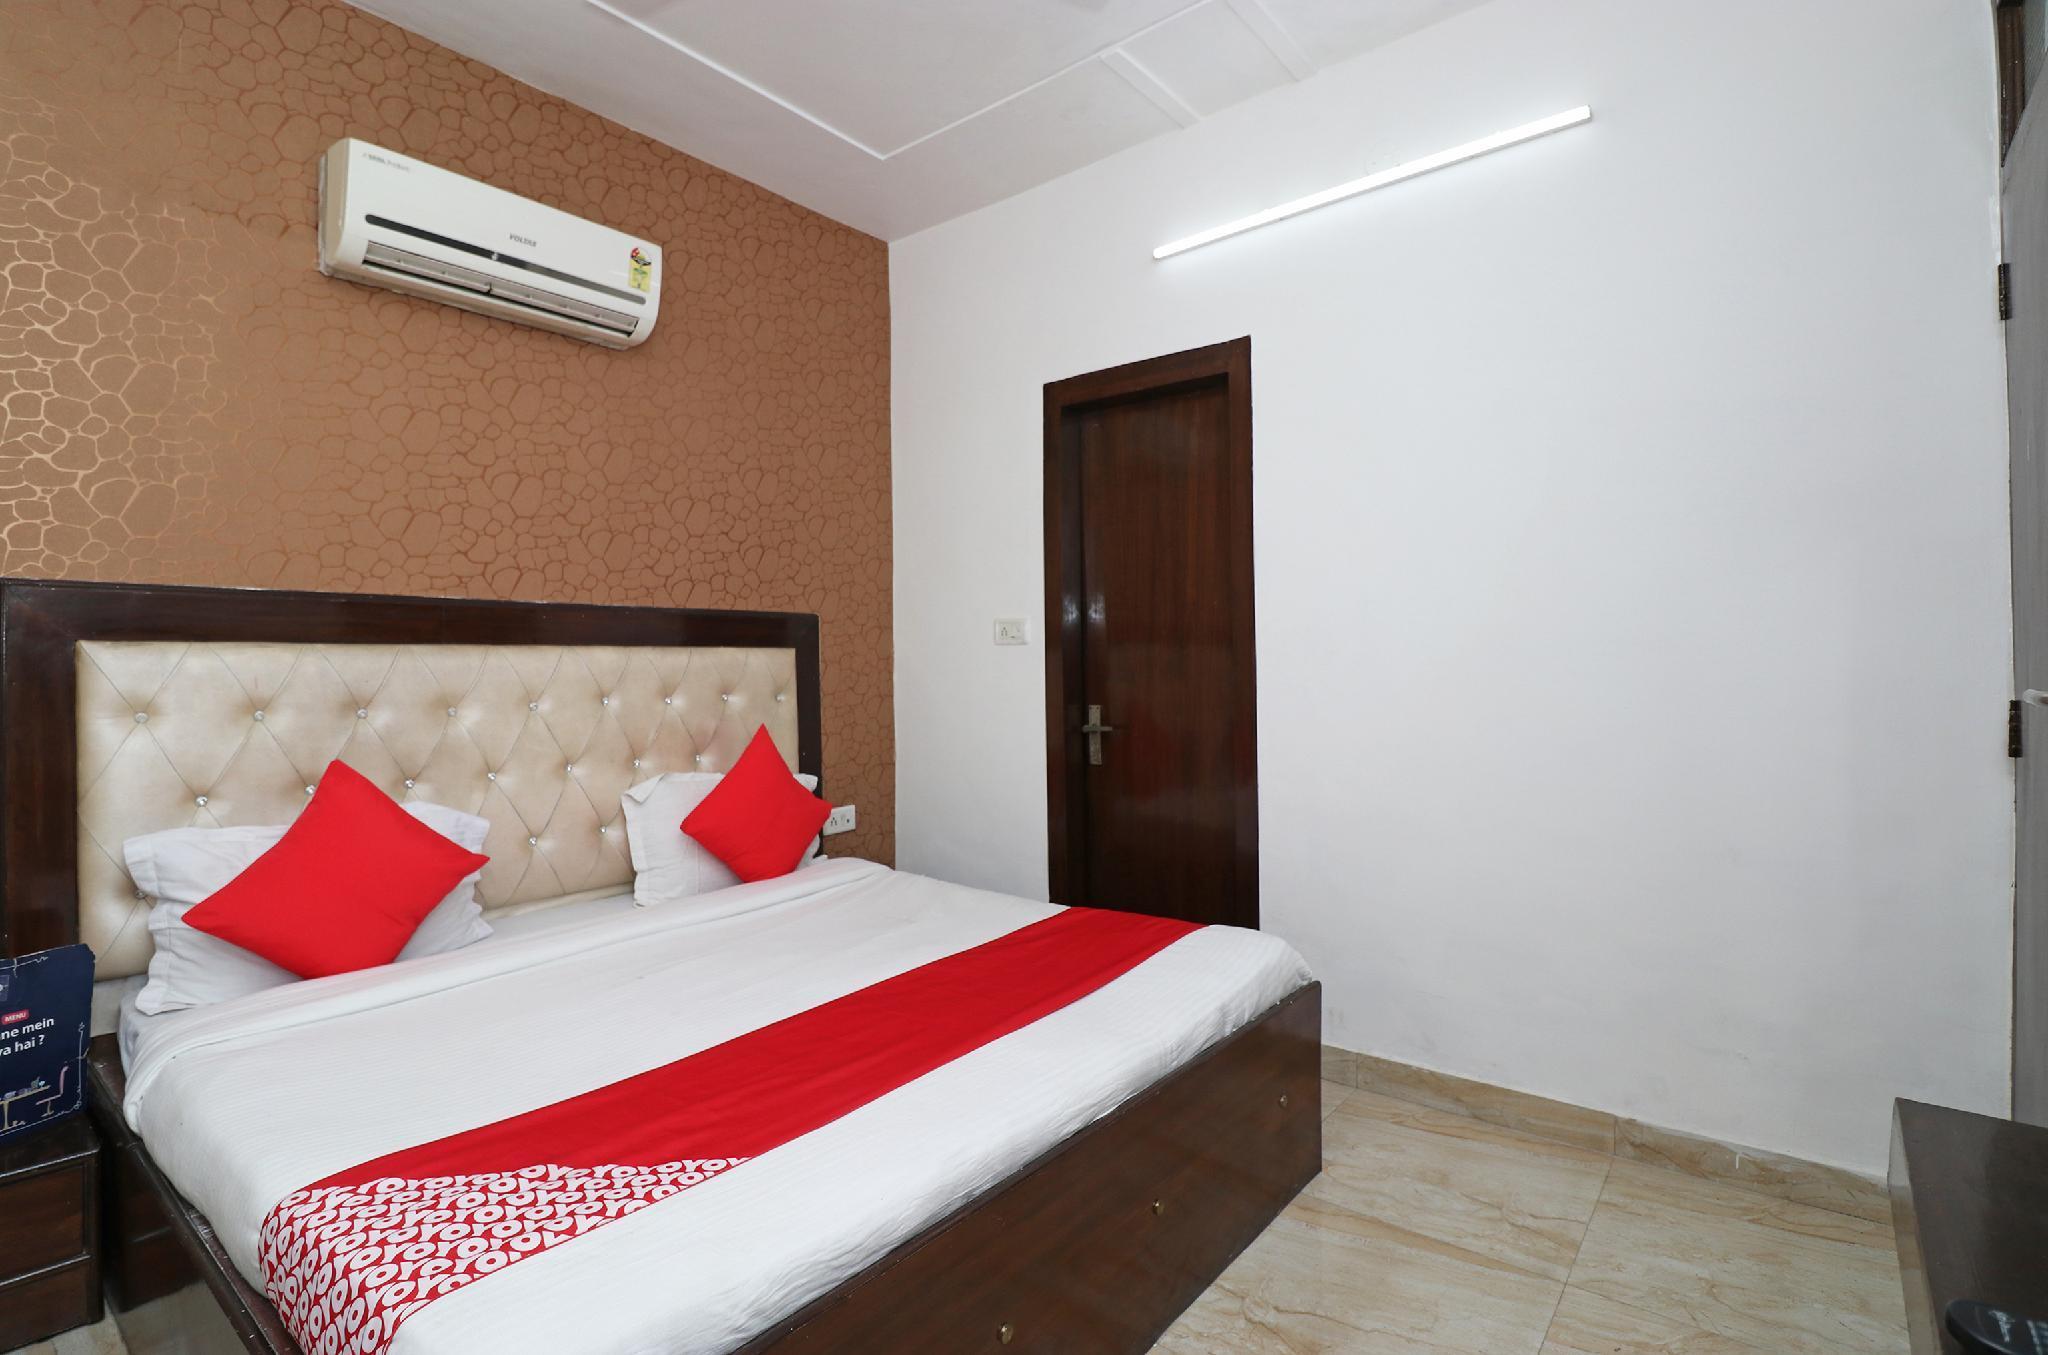 OYO 25075 Hotel Grace, Faridabad